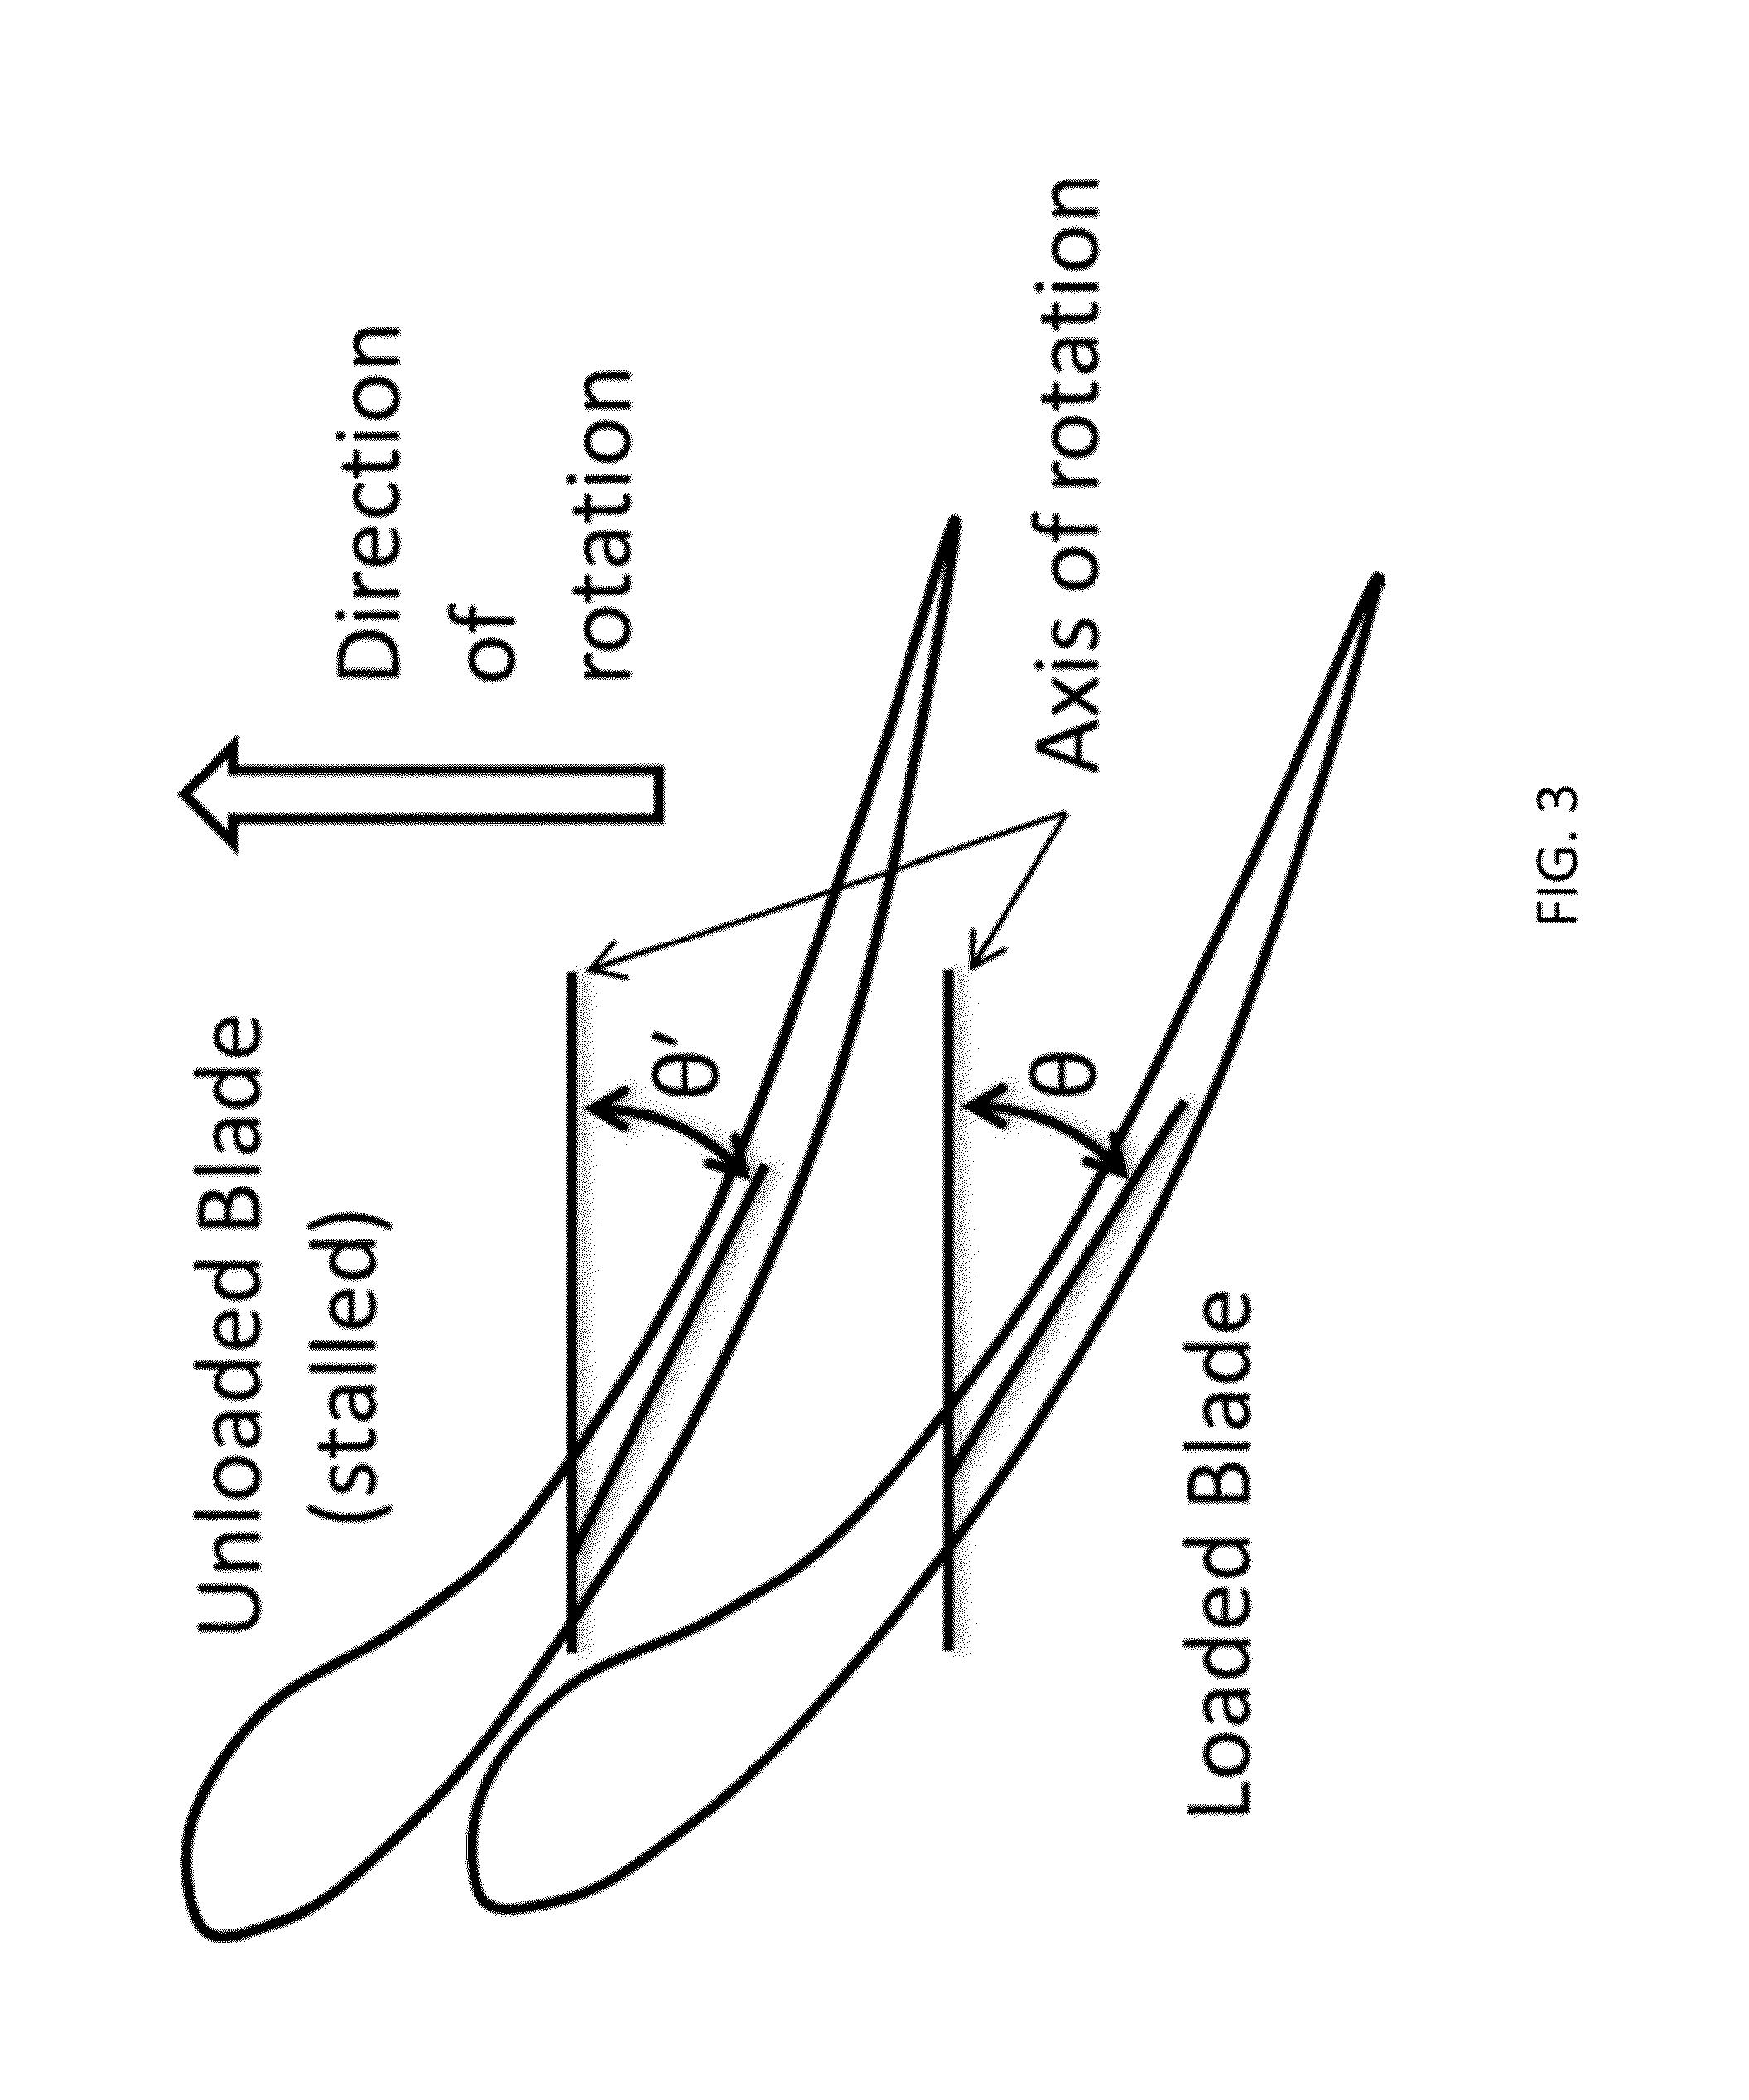 patent us8854626